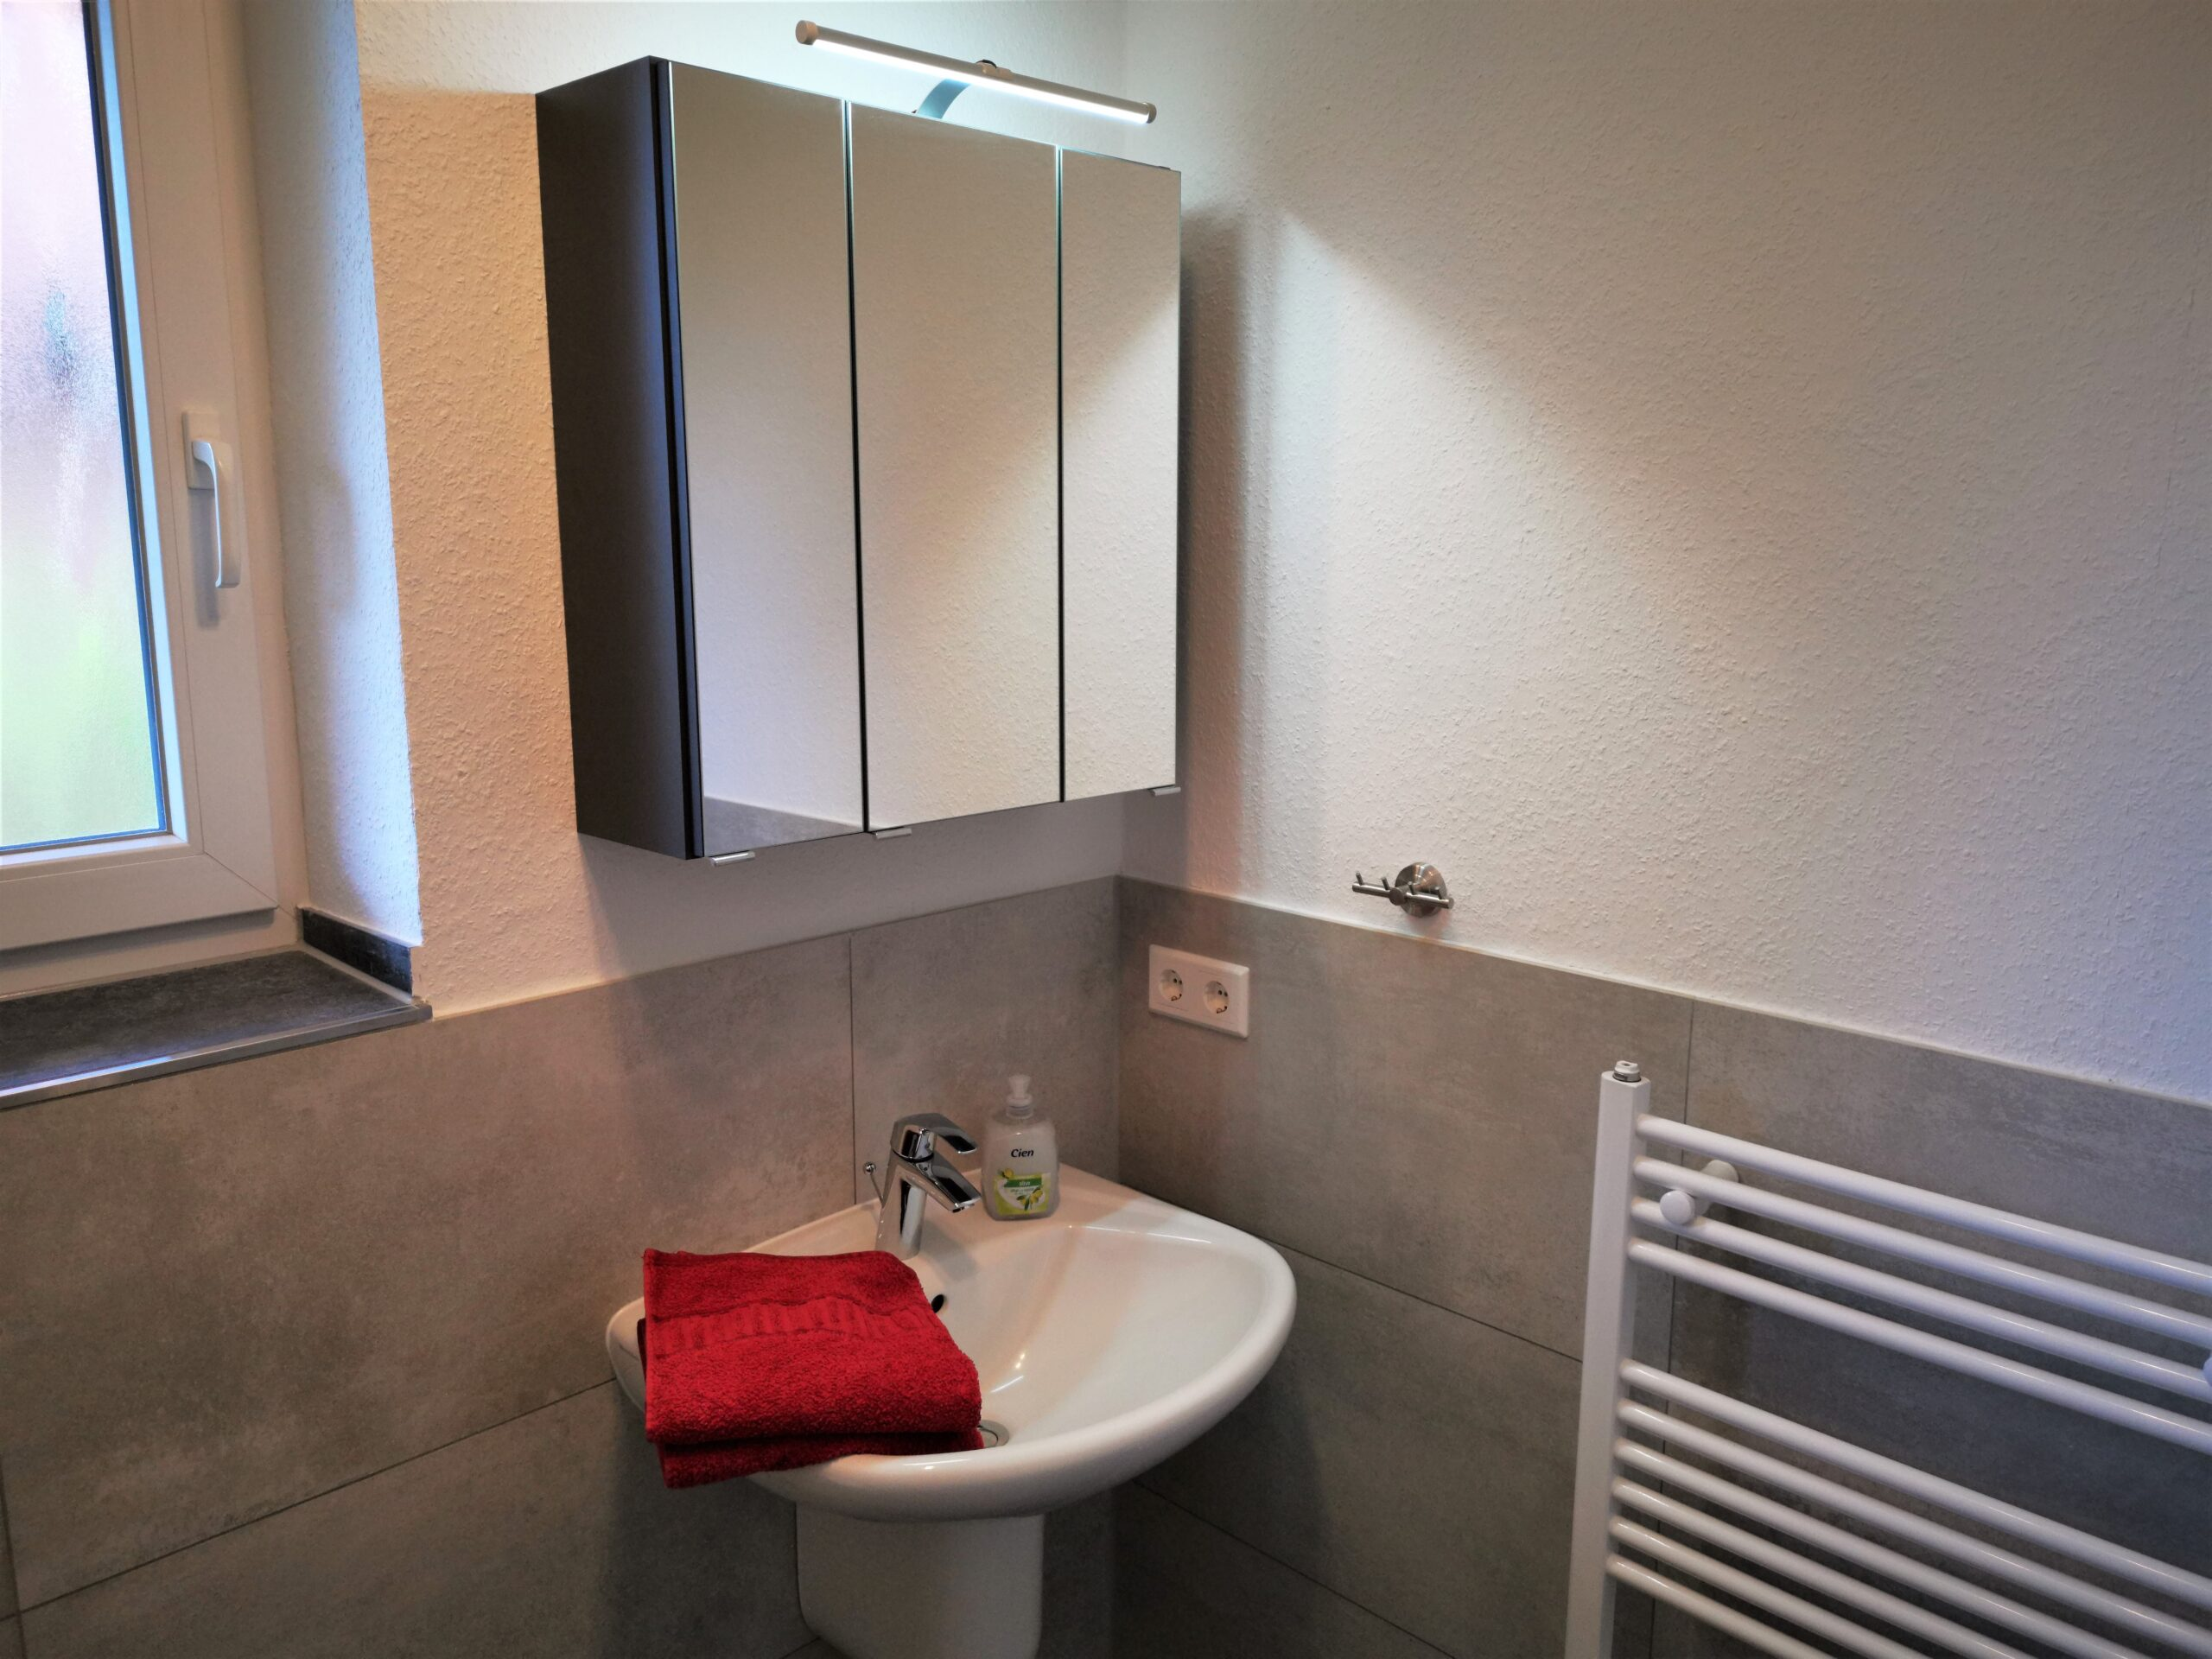 Badezimmer mit Fenster der Ferienwohnung Heide von Ferienwohnungen Hass auf Fehmarn